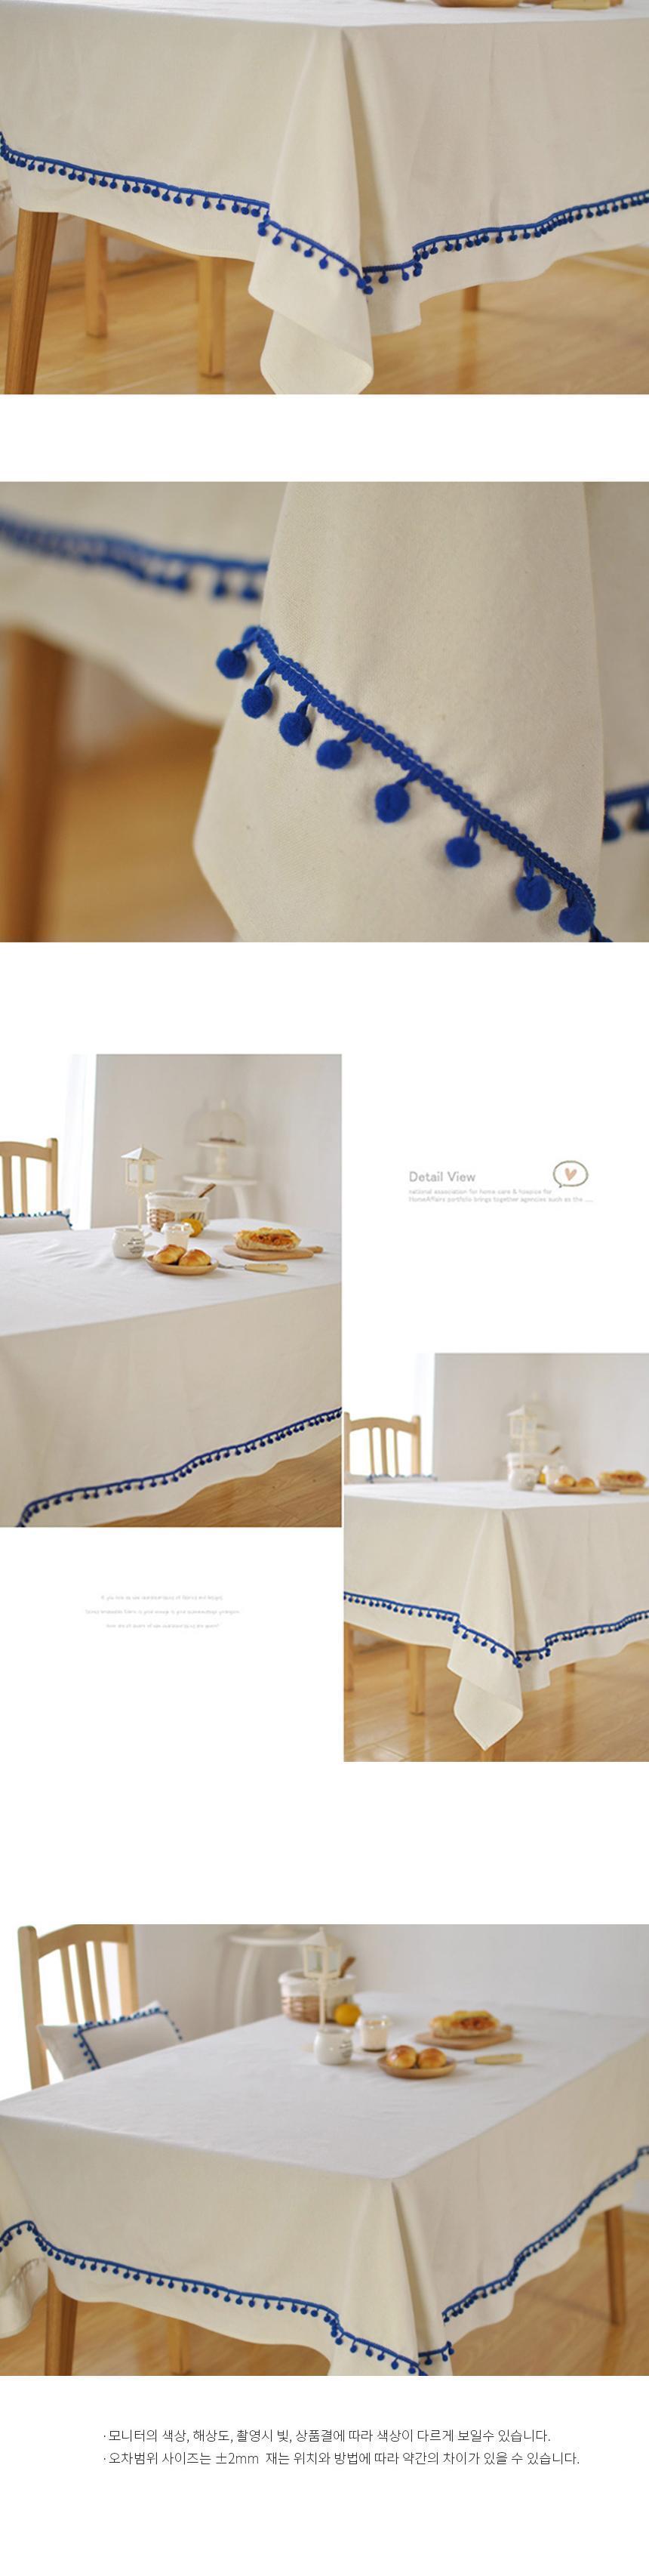 블루레이스 식탁보 테이블보 60X60 식탁매트 식탁보  식탁매트 식탁보 테이블보 주방테이블매트 테이블매트